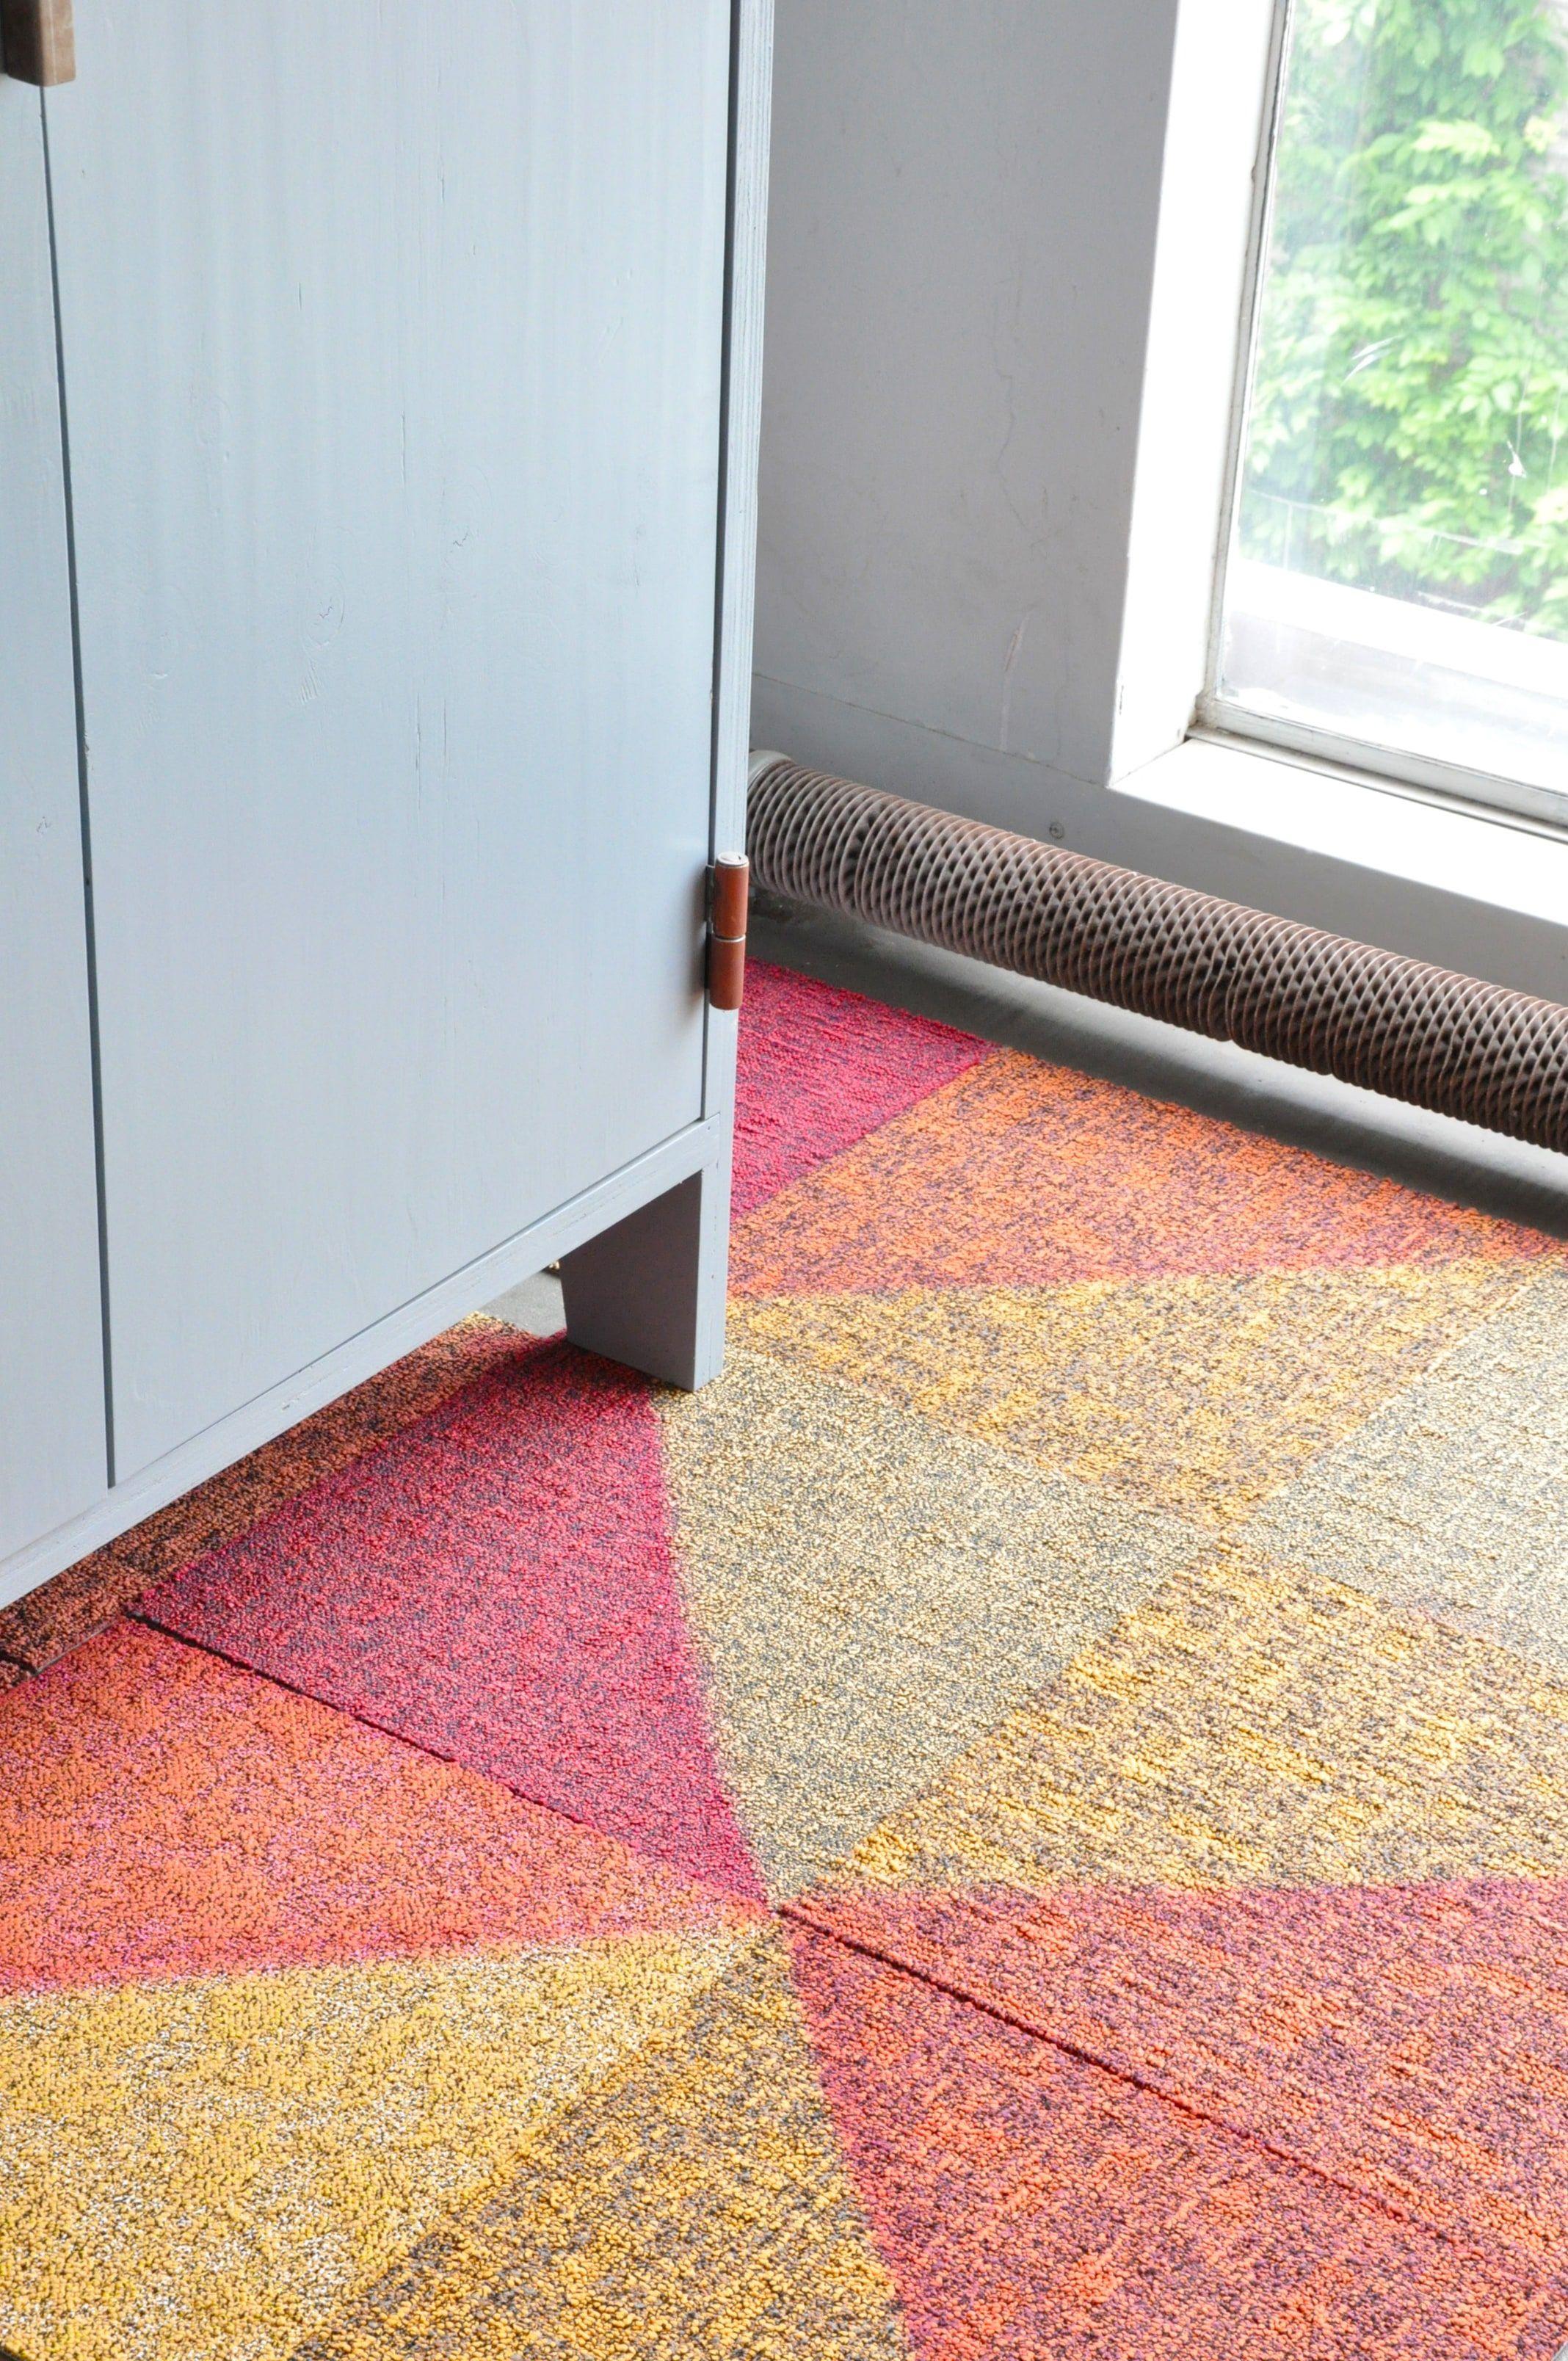 Carpet Over Tile Transition